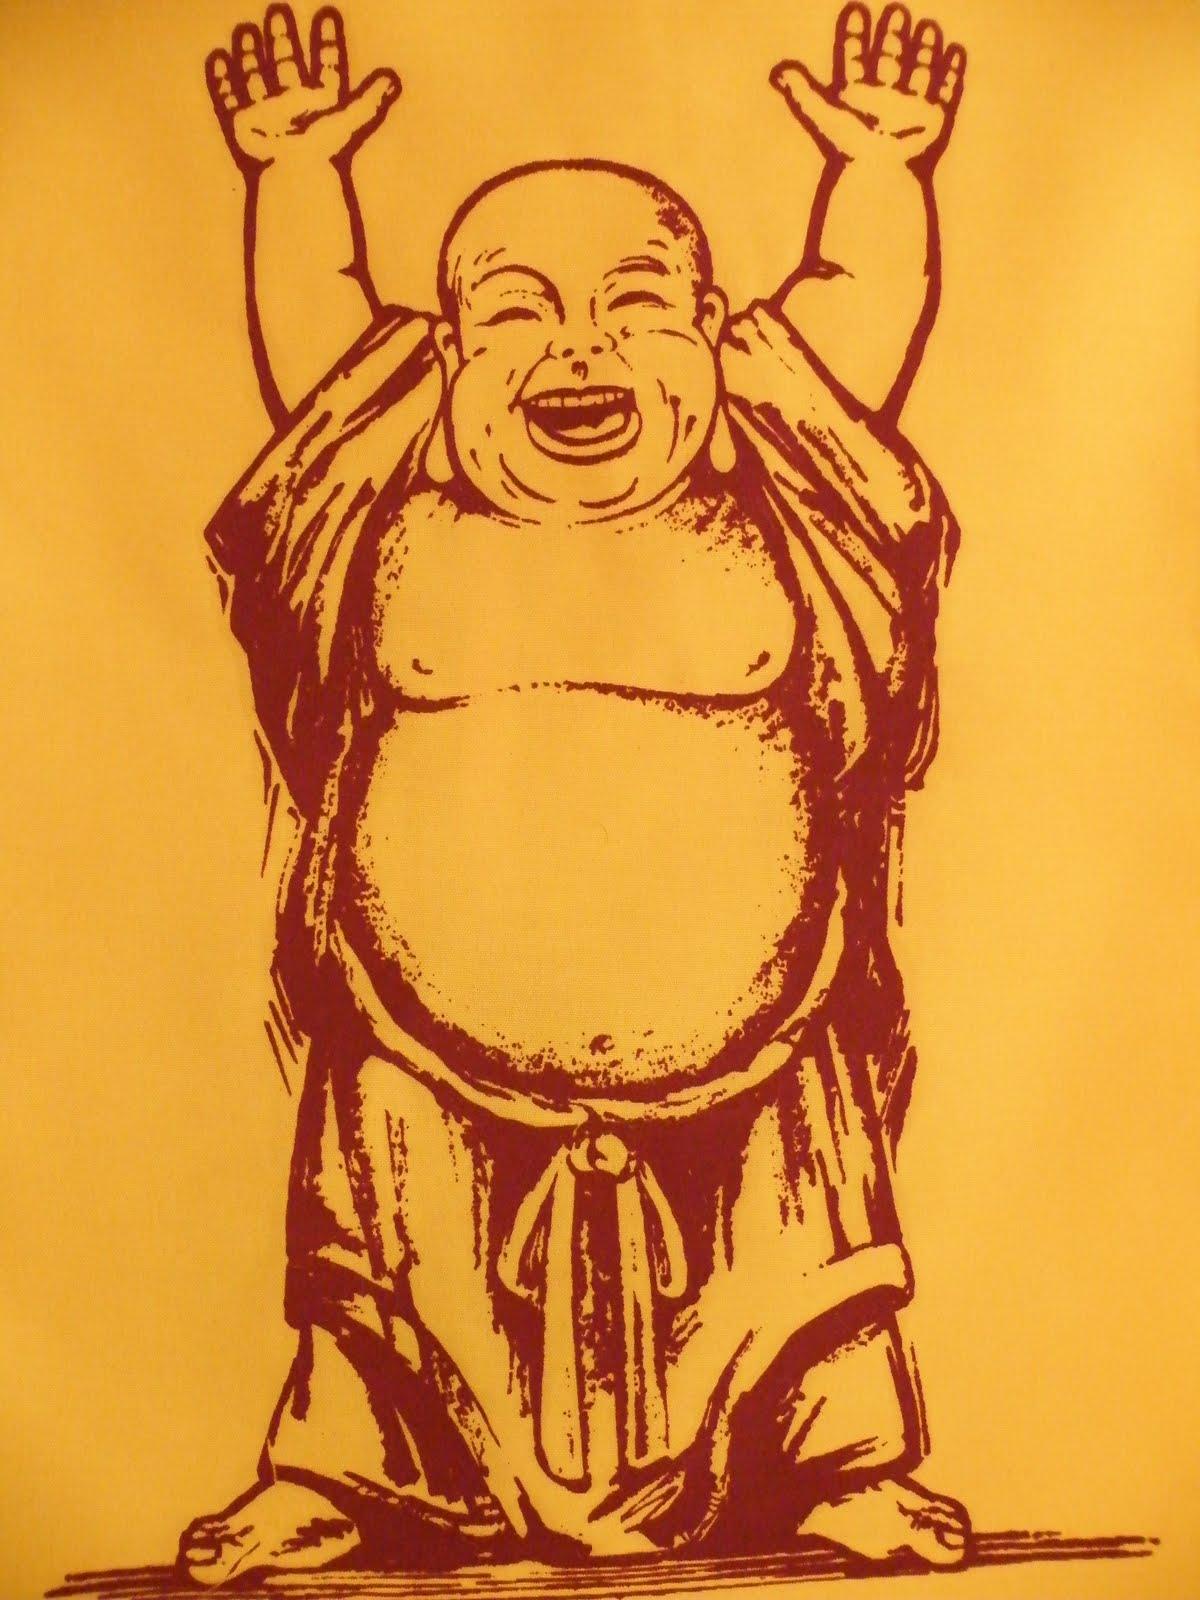 laughing buddha drawing - photo #6